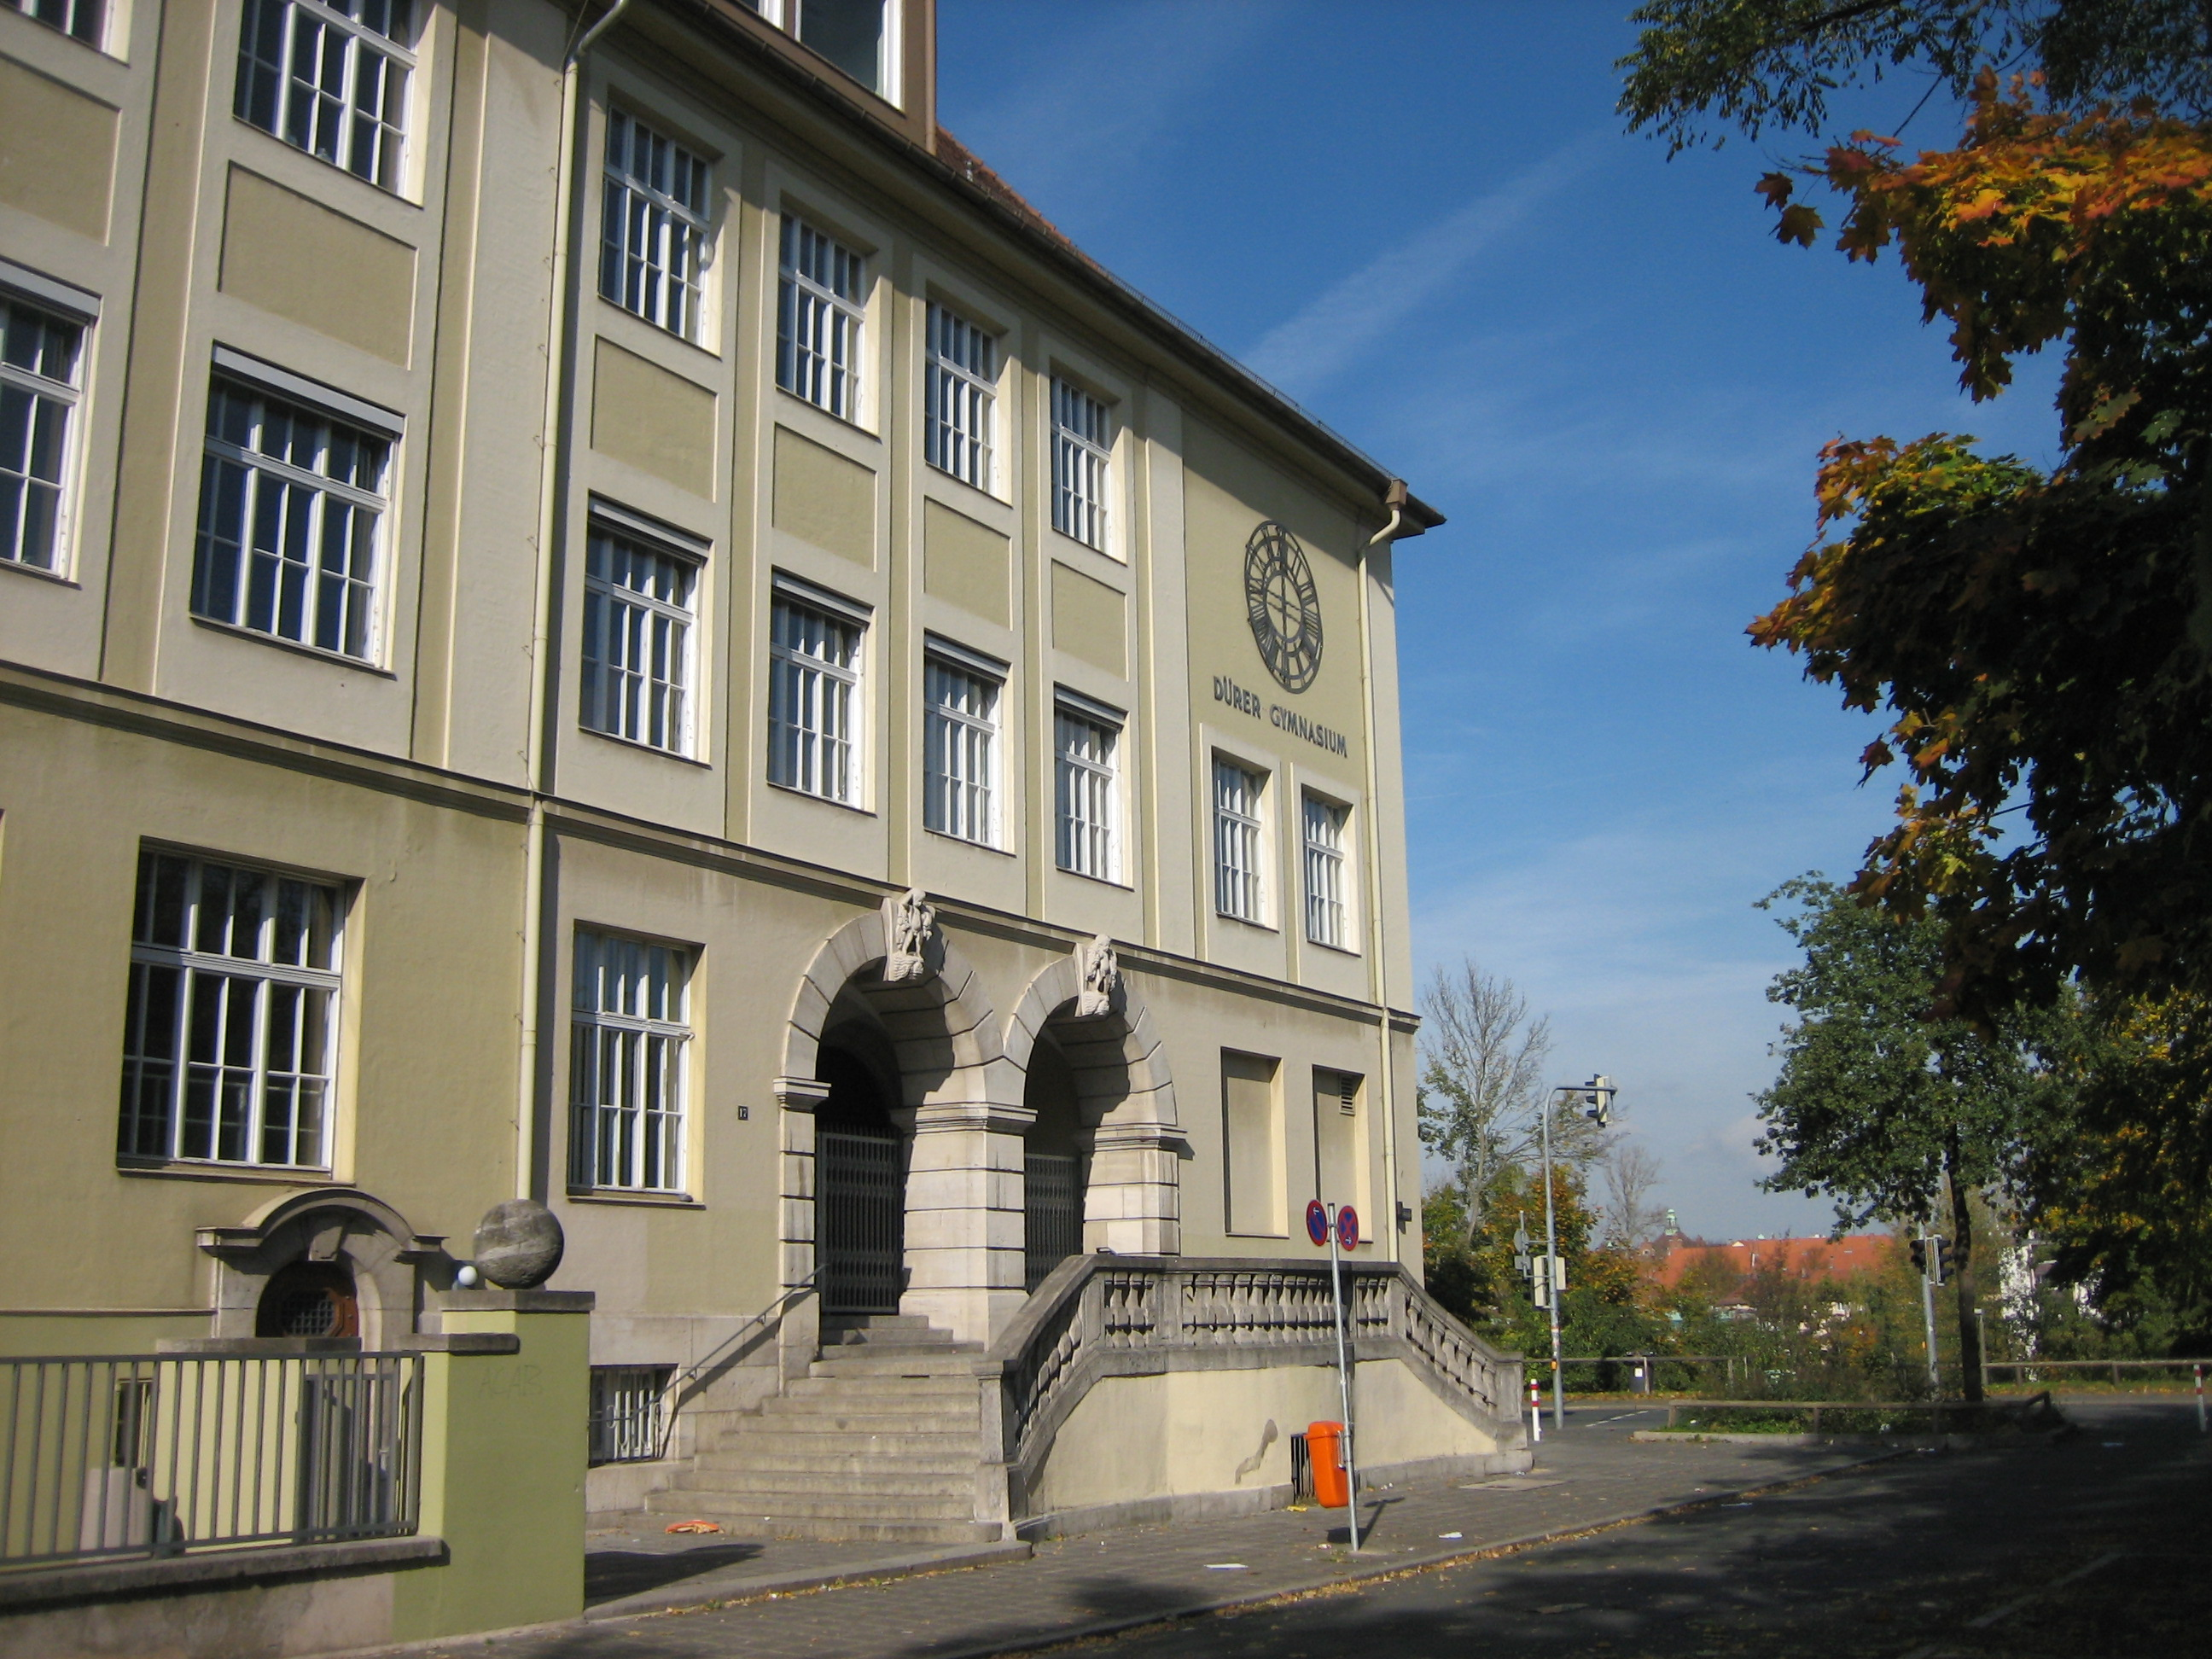 Cincecitta Nürnberg